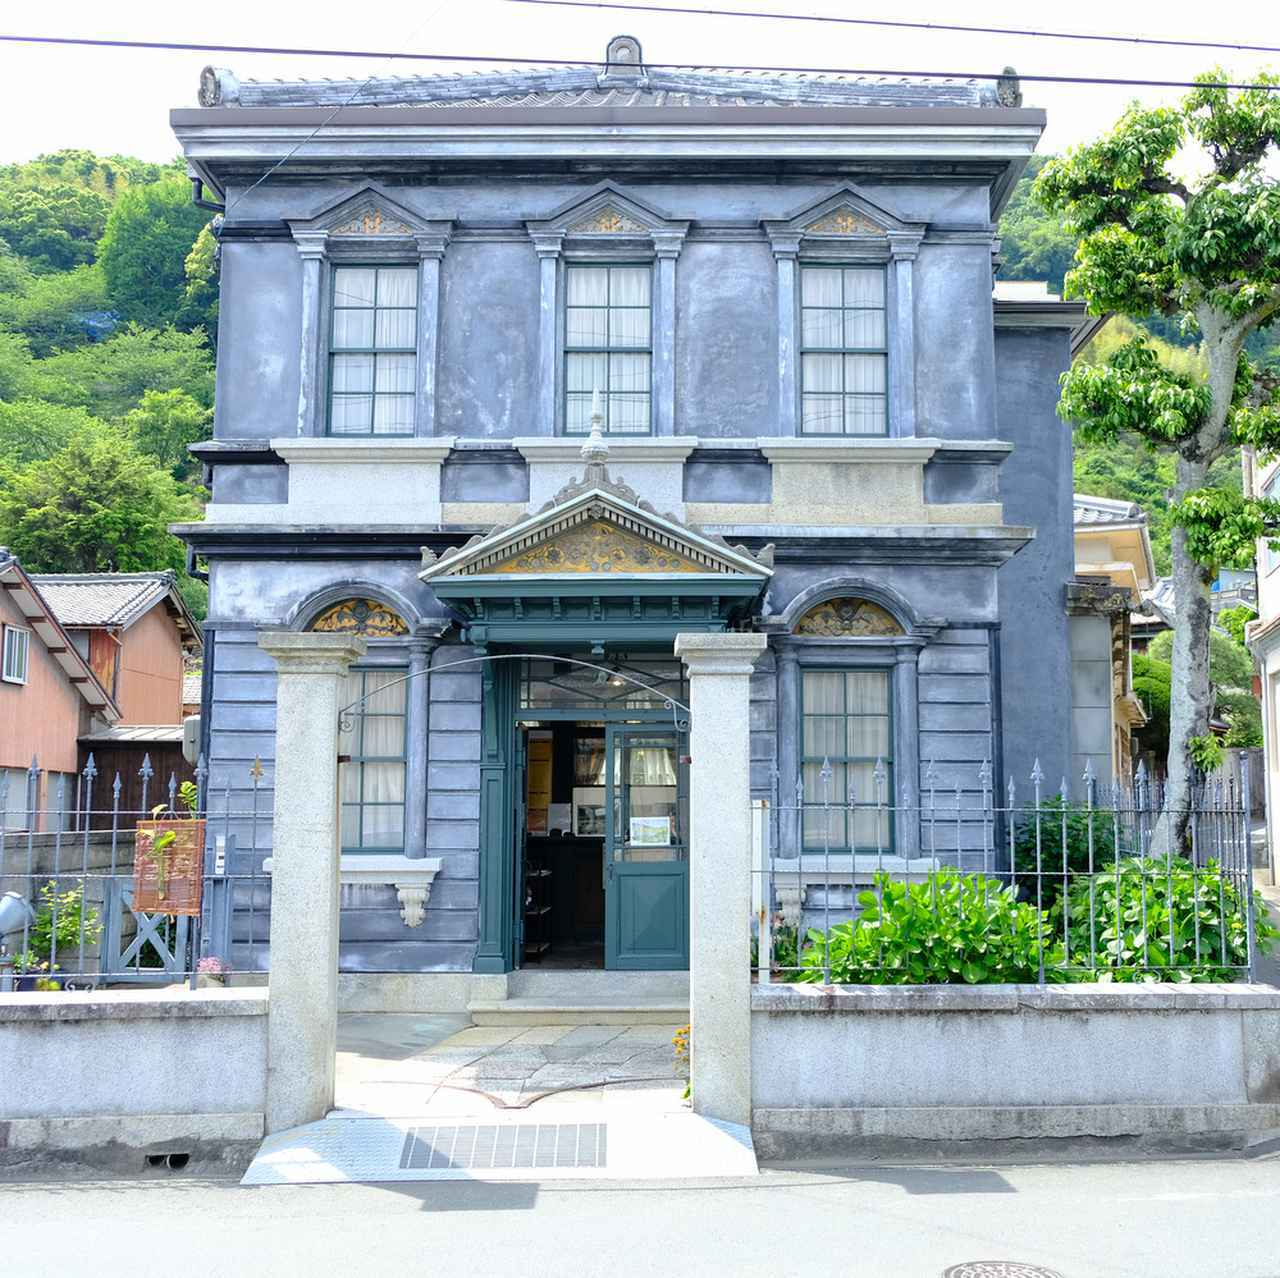 画像: 旧白石和太郎邸。紡績工場や大峰銅山の鉱山経営で財を成した白石和太郎の洋館です。